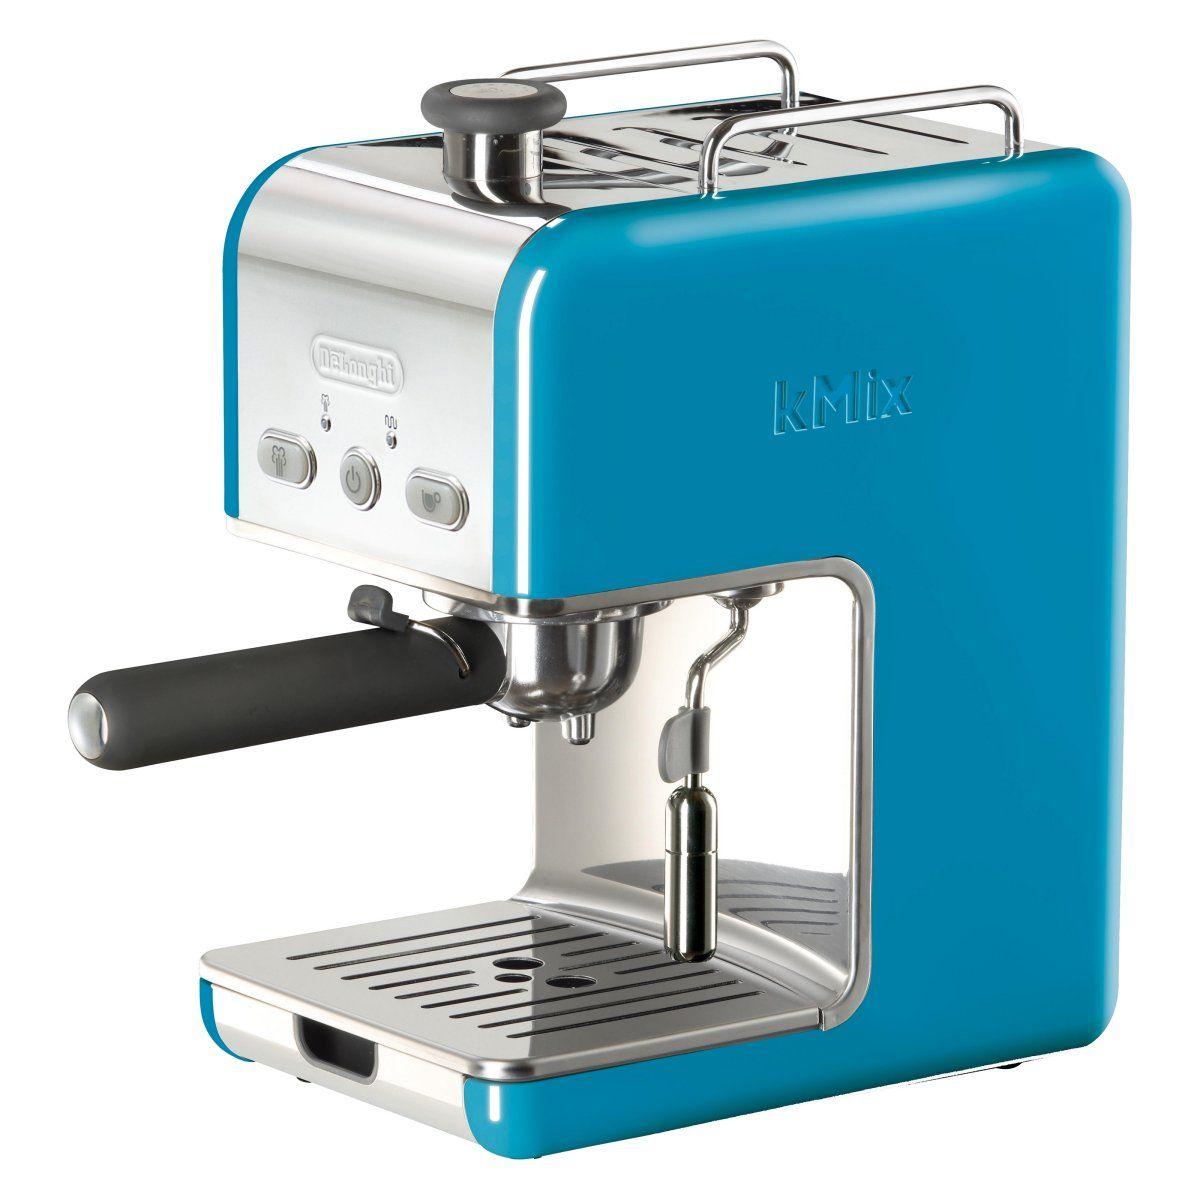 Kmix espresso maker